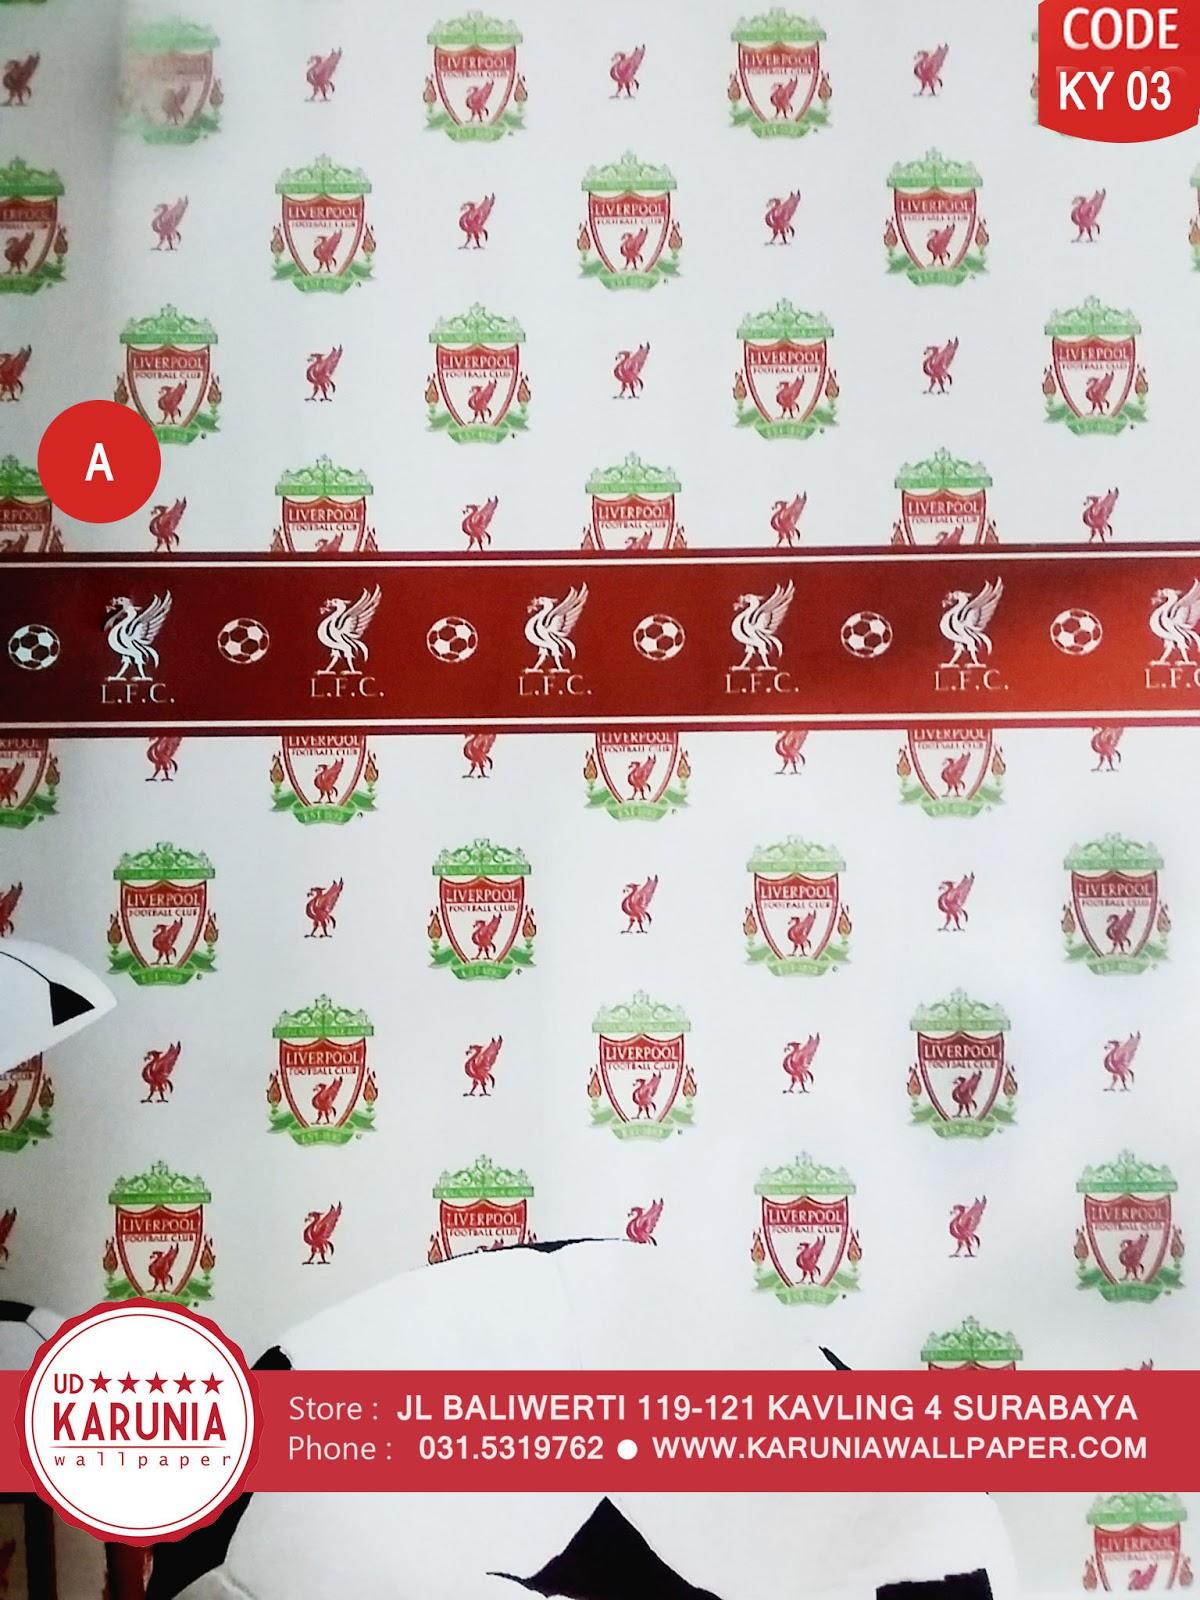 jual wallpaper liverpool dekorasi rumah karuniawallpaper